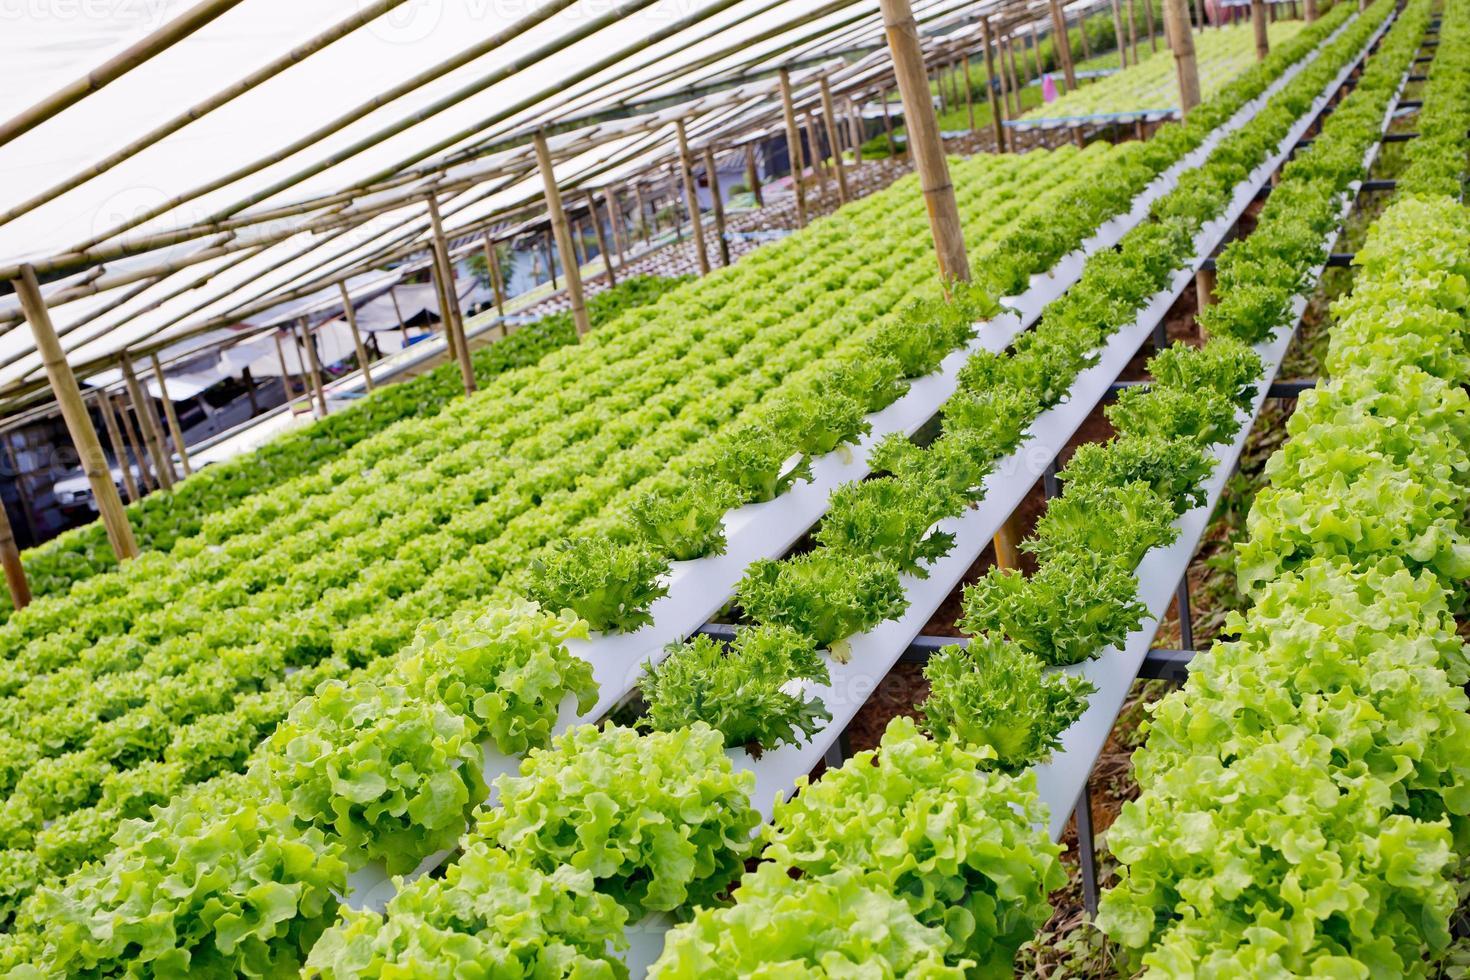 fazenda de cultivo vegetal hidropônico orgânico. foto